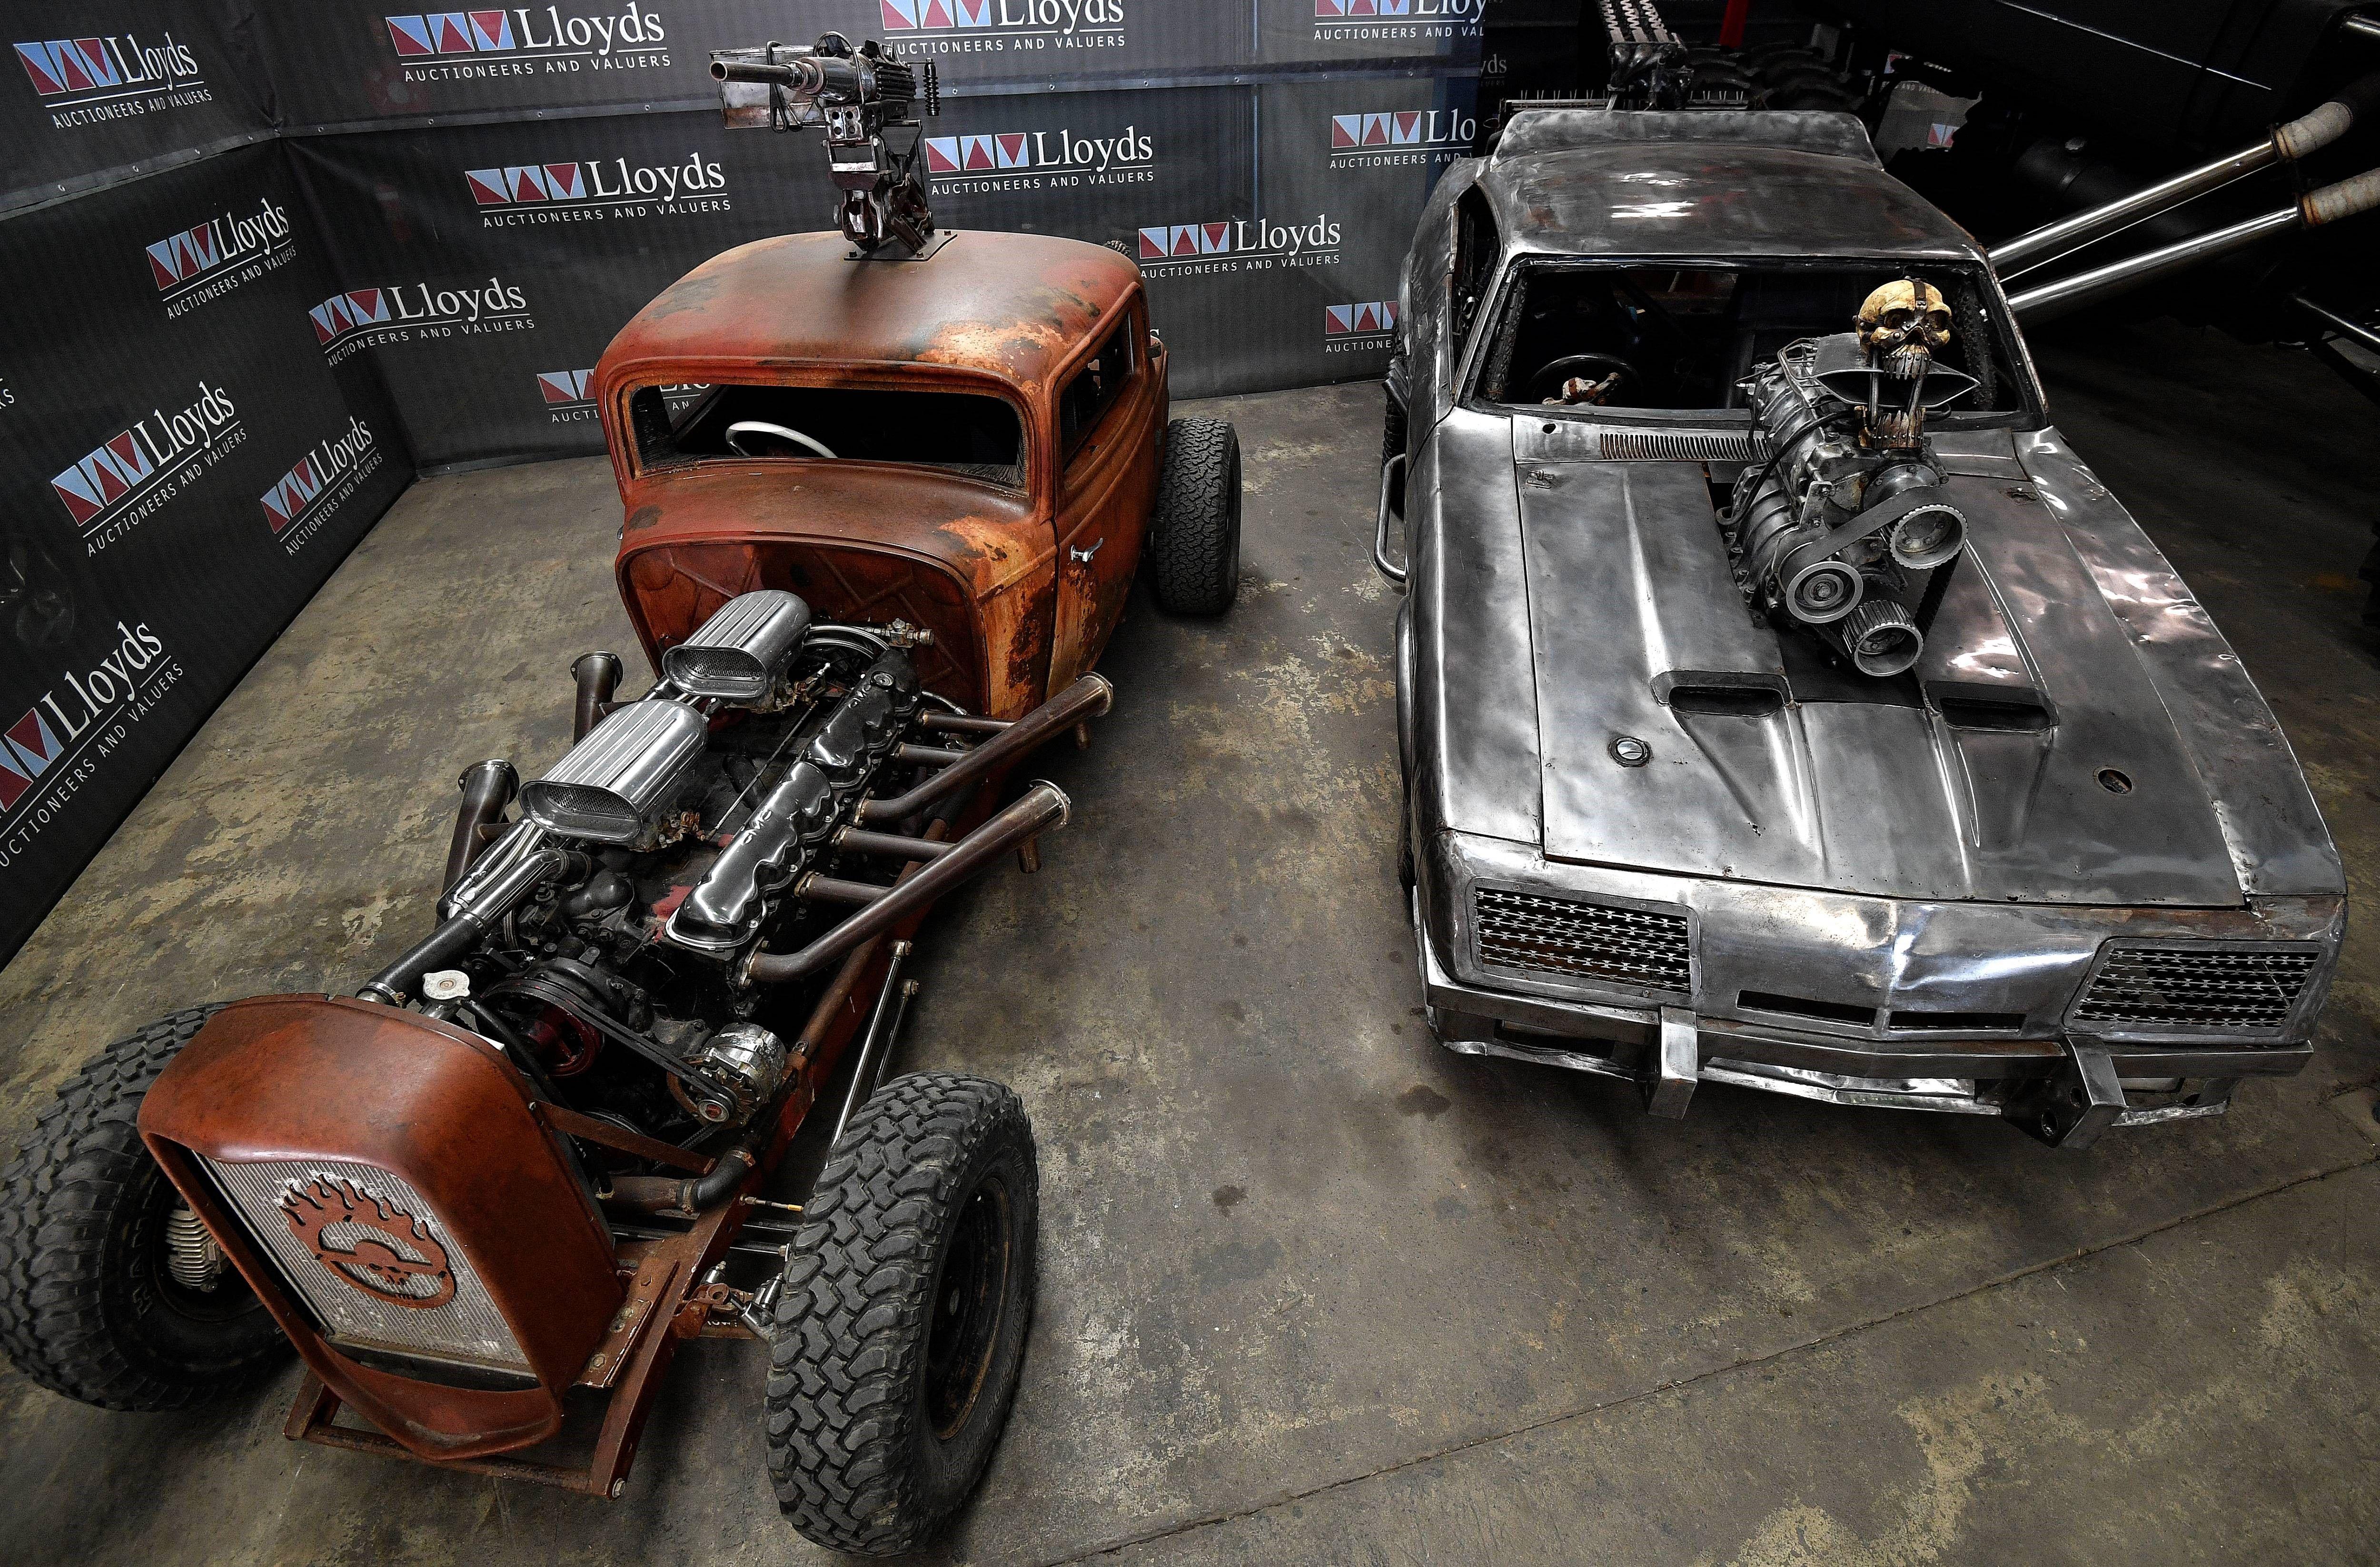 Esta imagen tomada el 24 de septiembre de 2021 muestra los coches del convoy de Elvis y Razor Cola, dos de varios vehículos extravagantes utilizados en la película Mad Max: Fury Road, que se licitará en las subastas de Lloyds en Sídney.